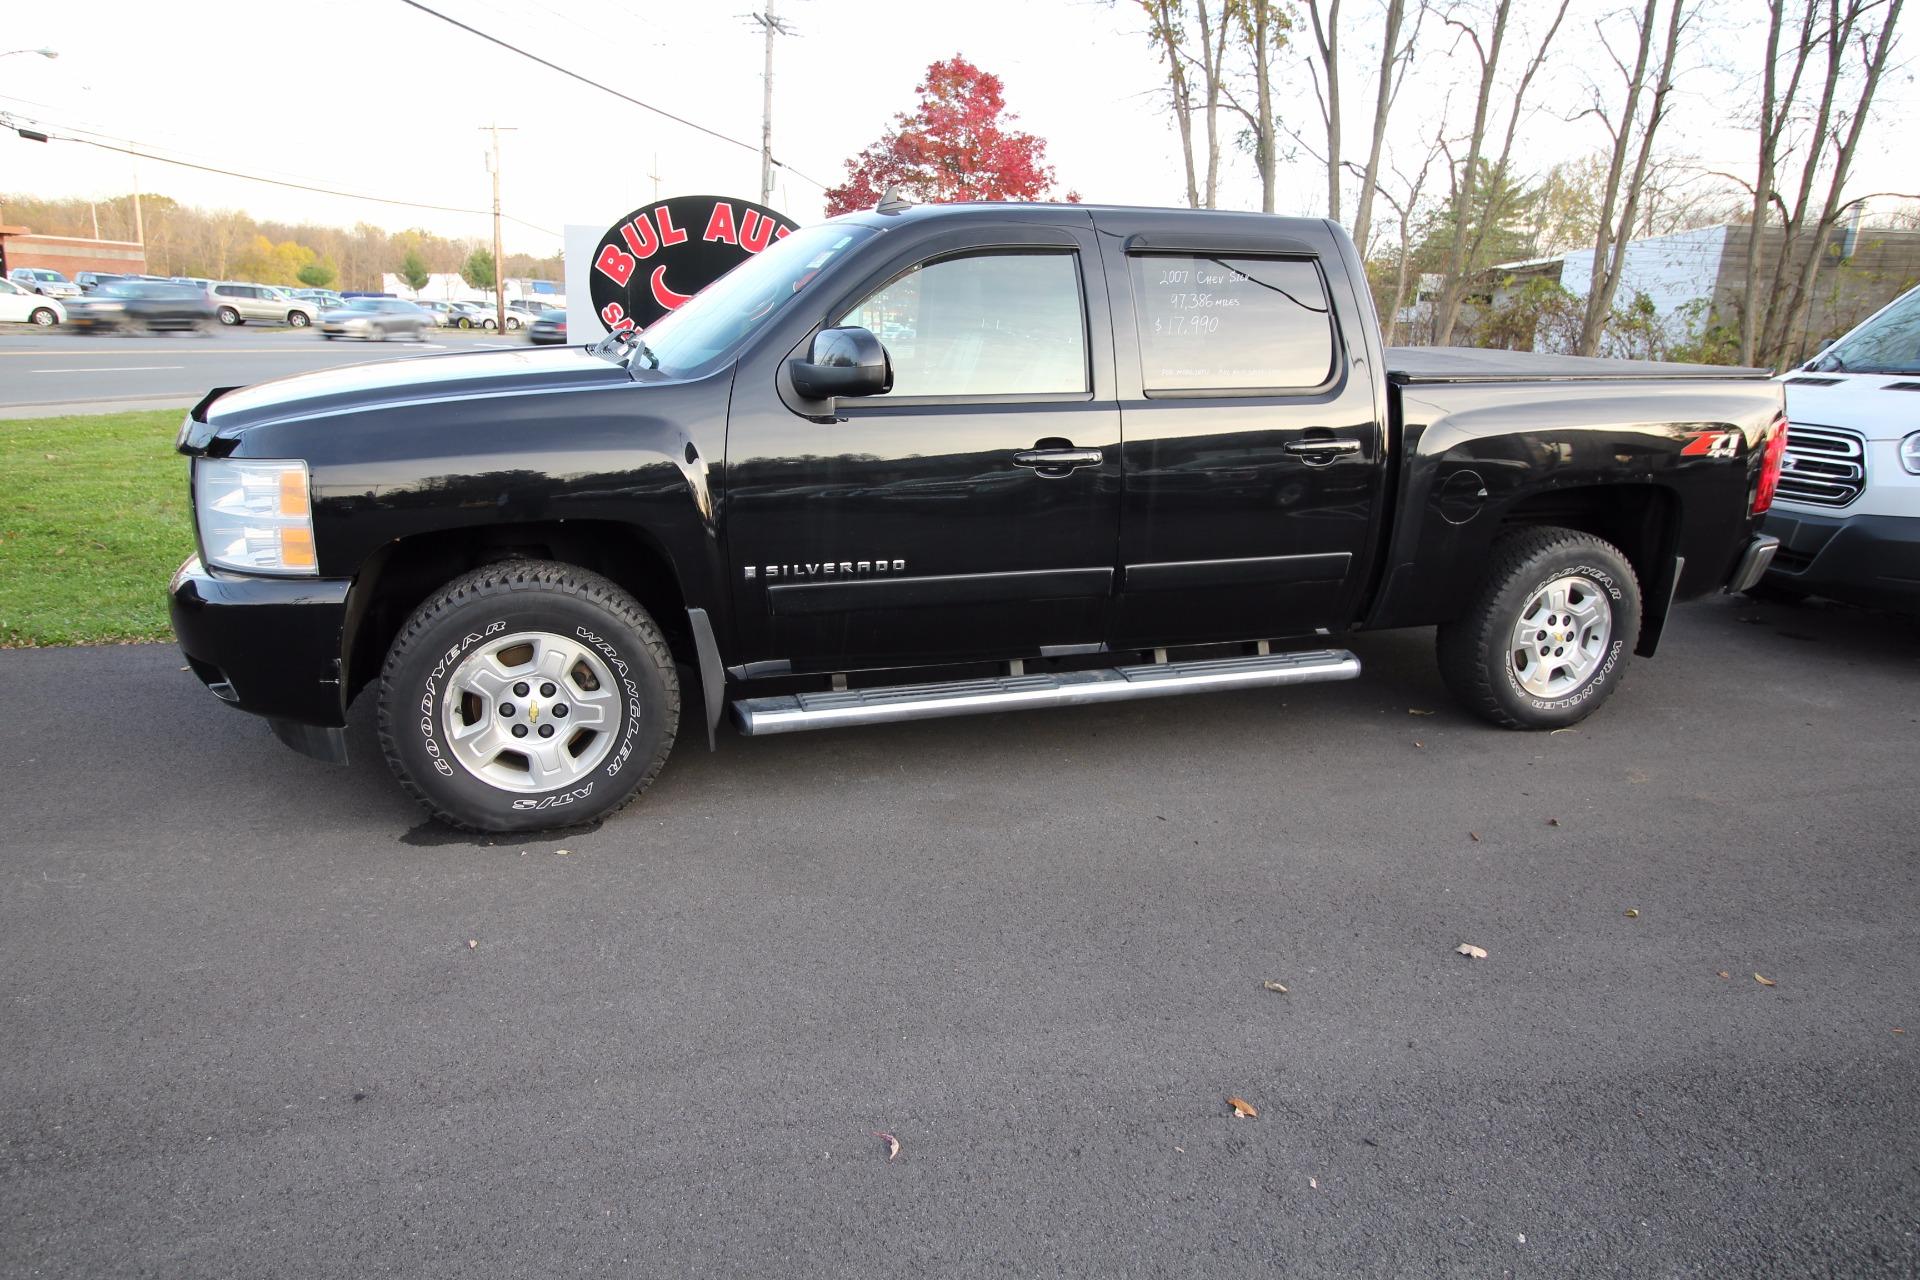 2007 Chevrolet Silverado 1500 Ltz Crew Cab 4wd Stock 16121 For Sale Near Albany Ny Ny